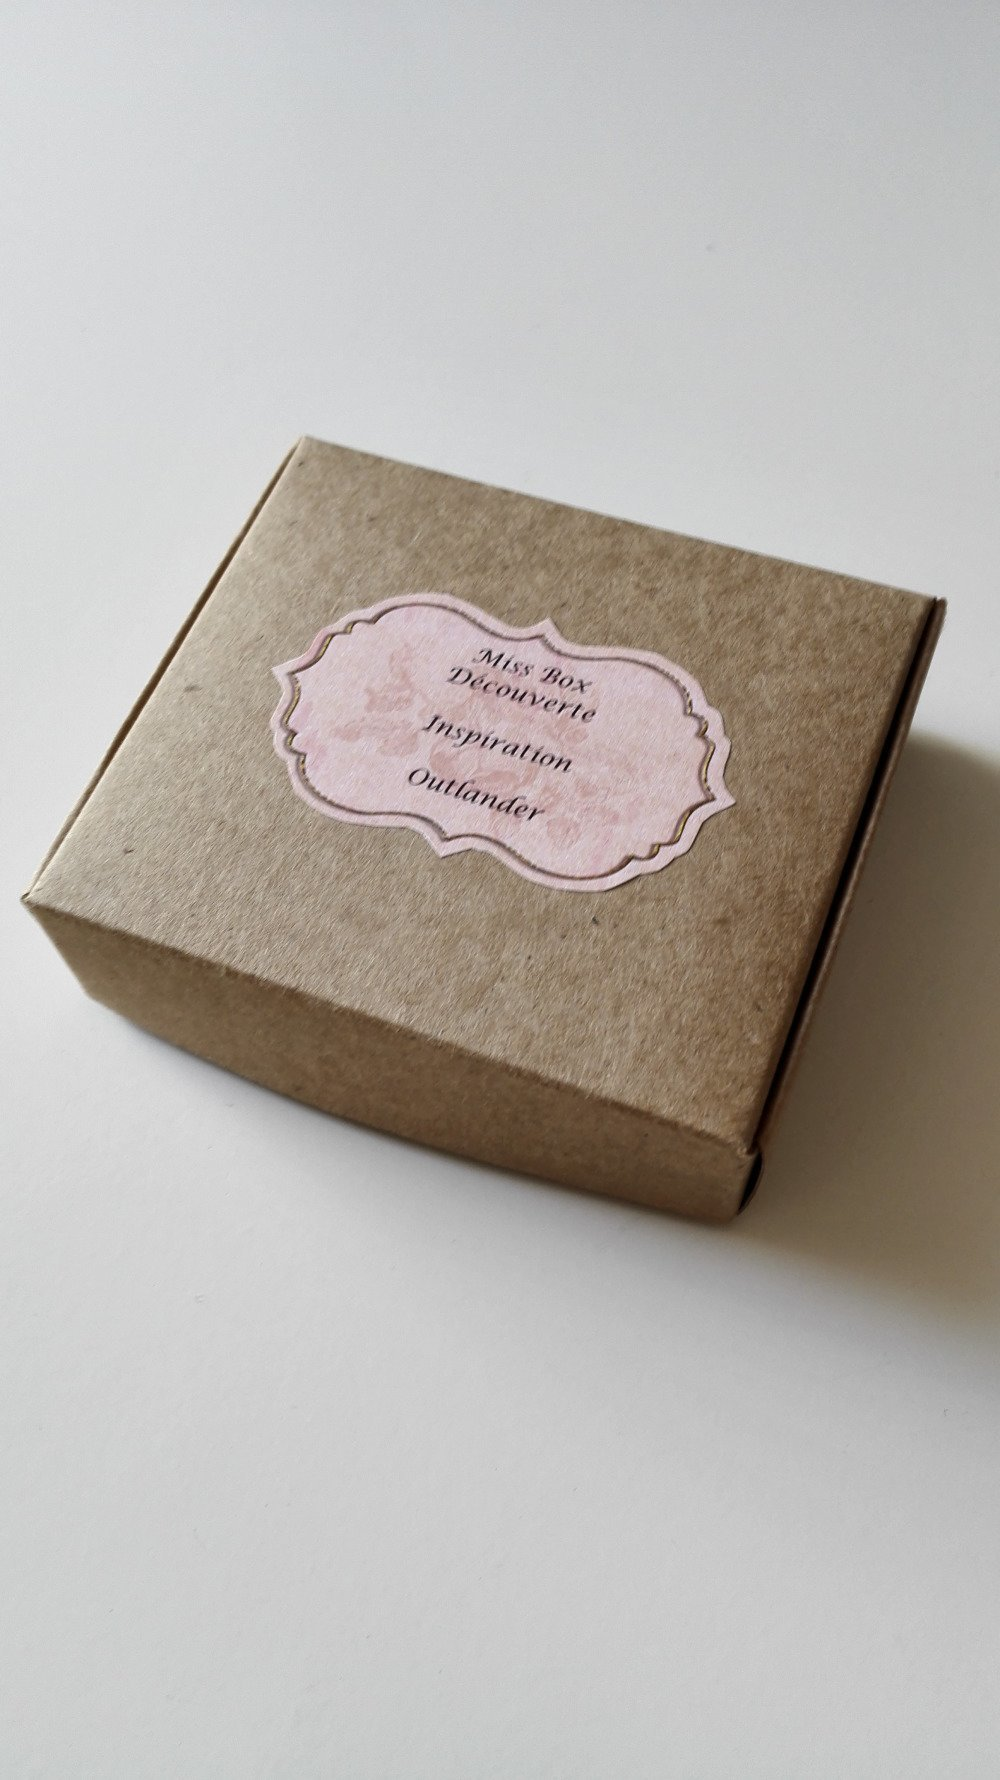 Miss Box Découverte inspiration Outlander argenté surprise féérique idée cadeau Miss Perles